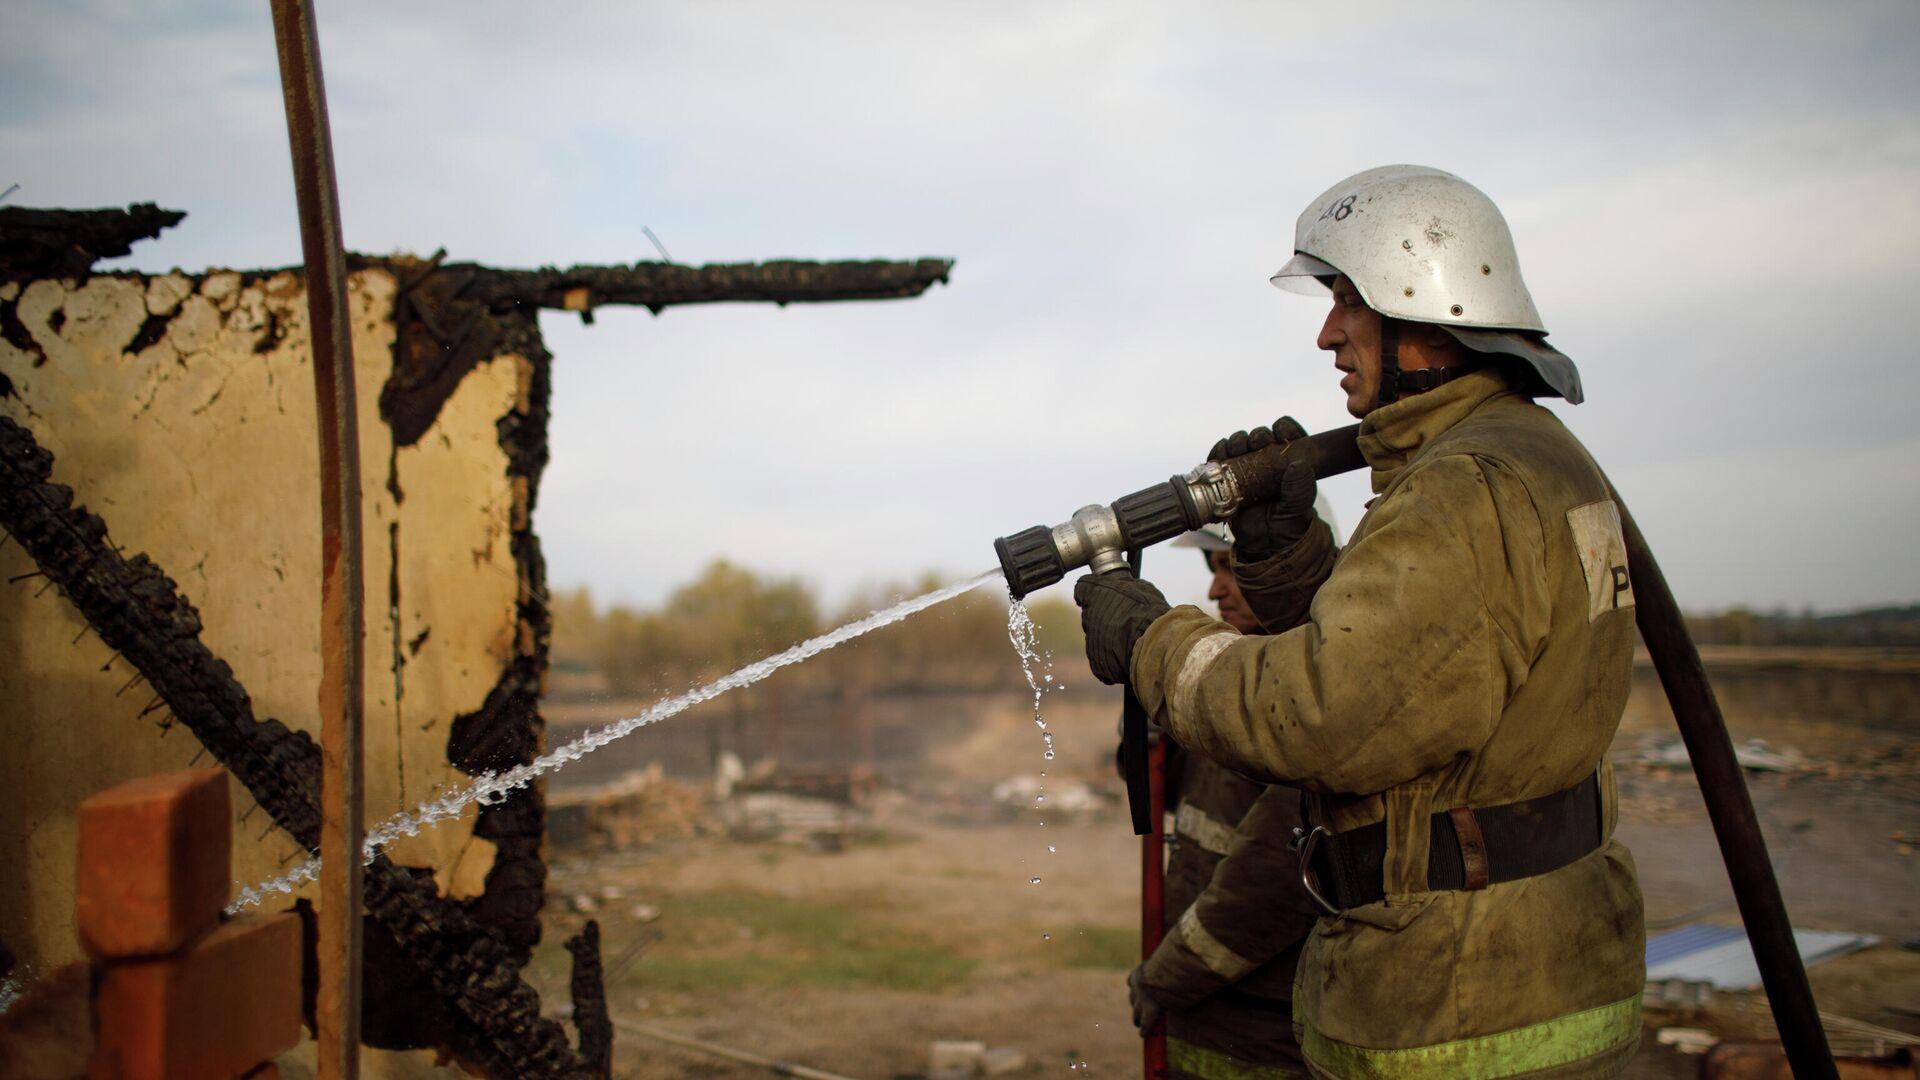 Короткое замыкание могло стать причиной пожара в коллекторе в Москве